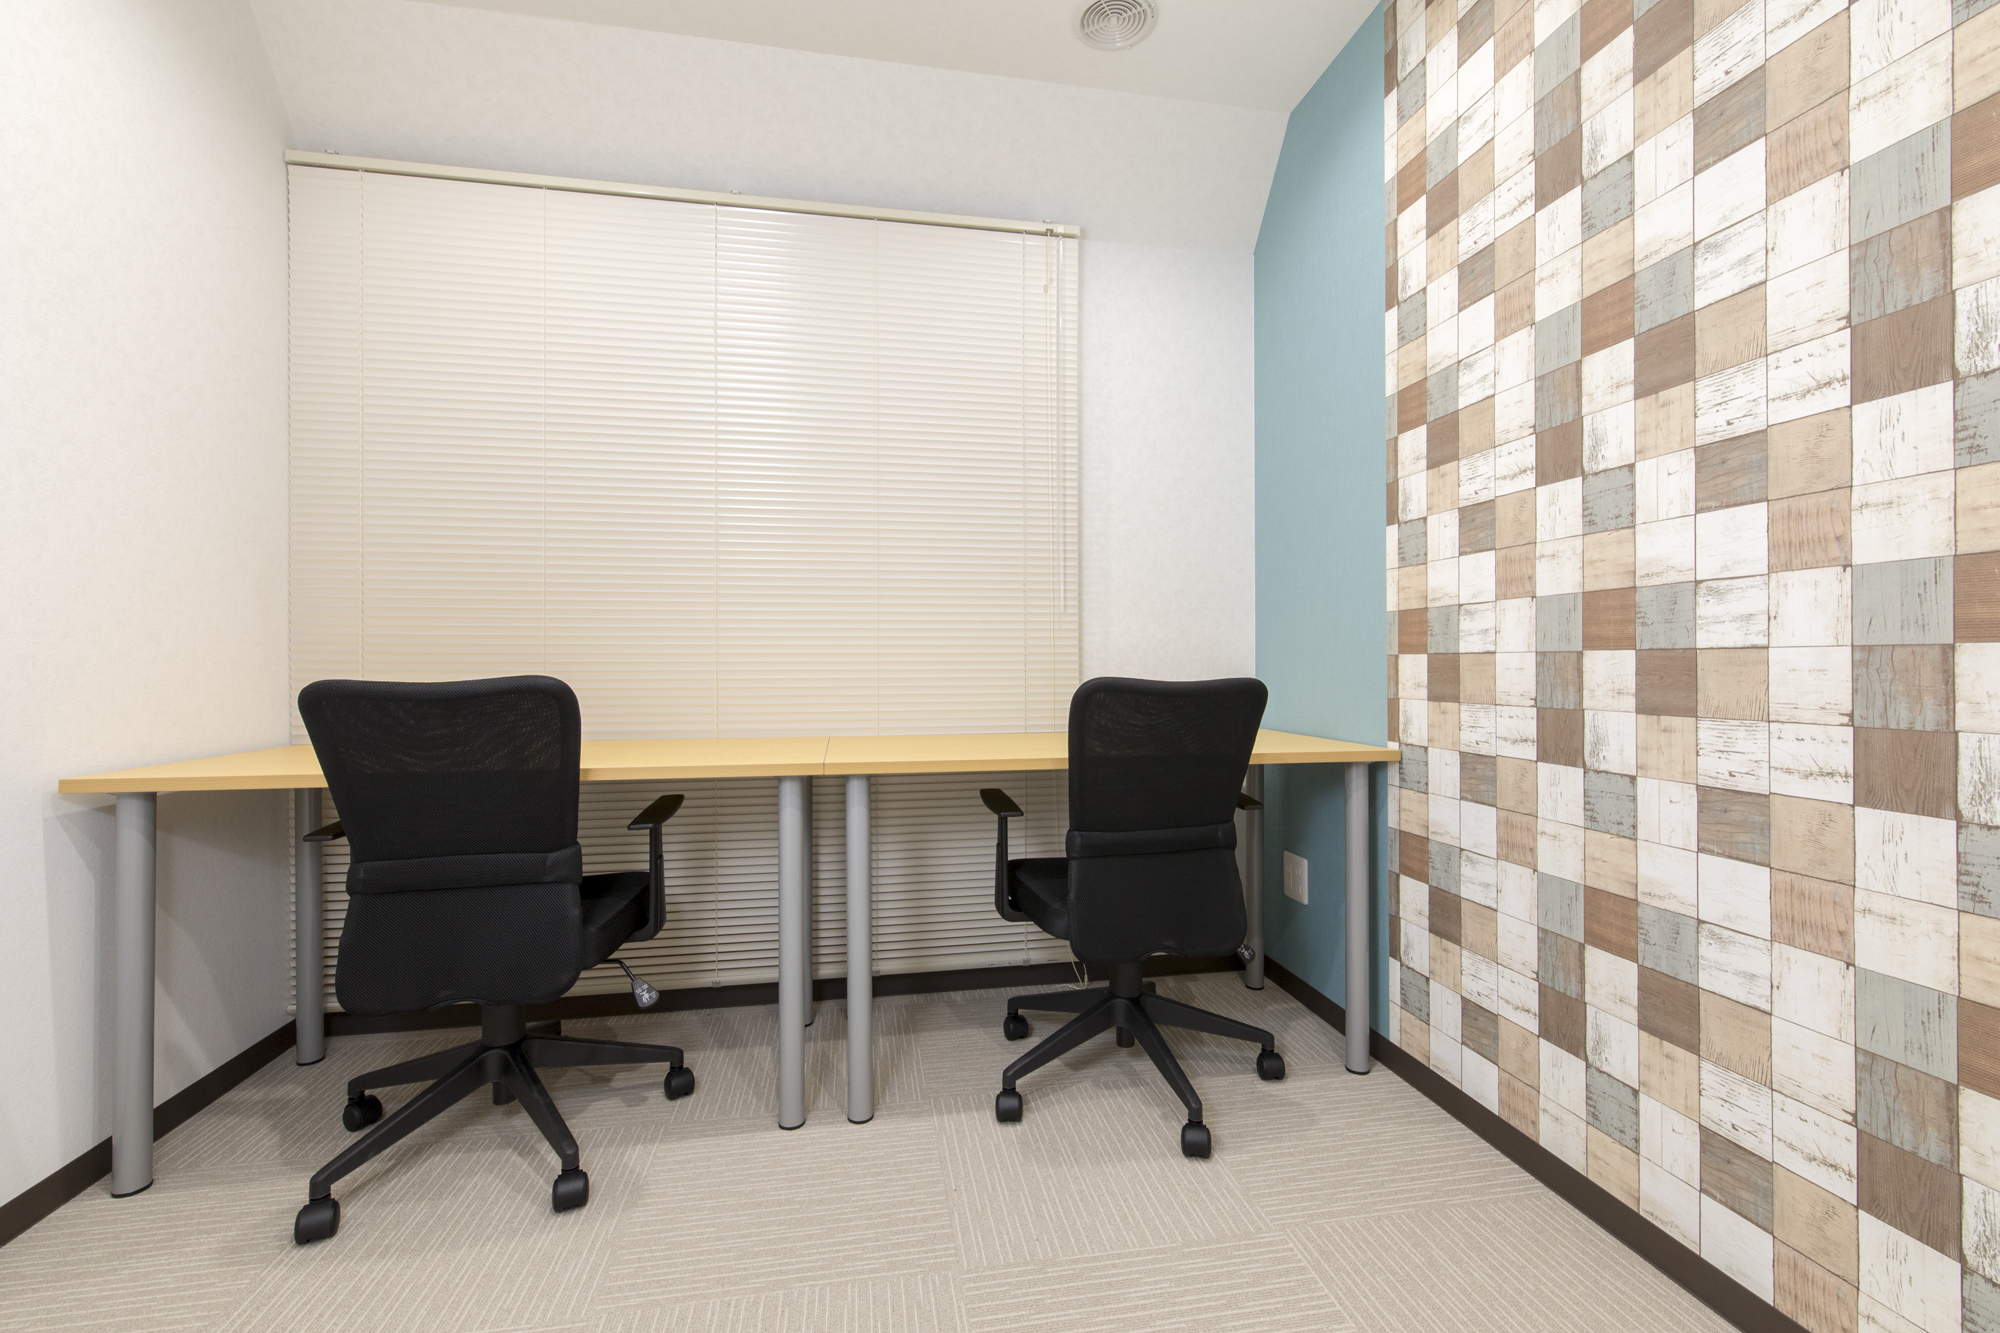 プライベートが守られた完全個室のレンタルオフィス